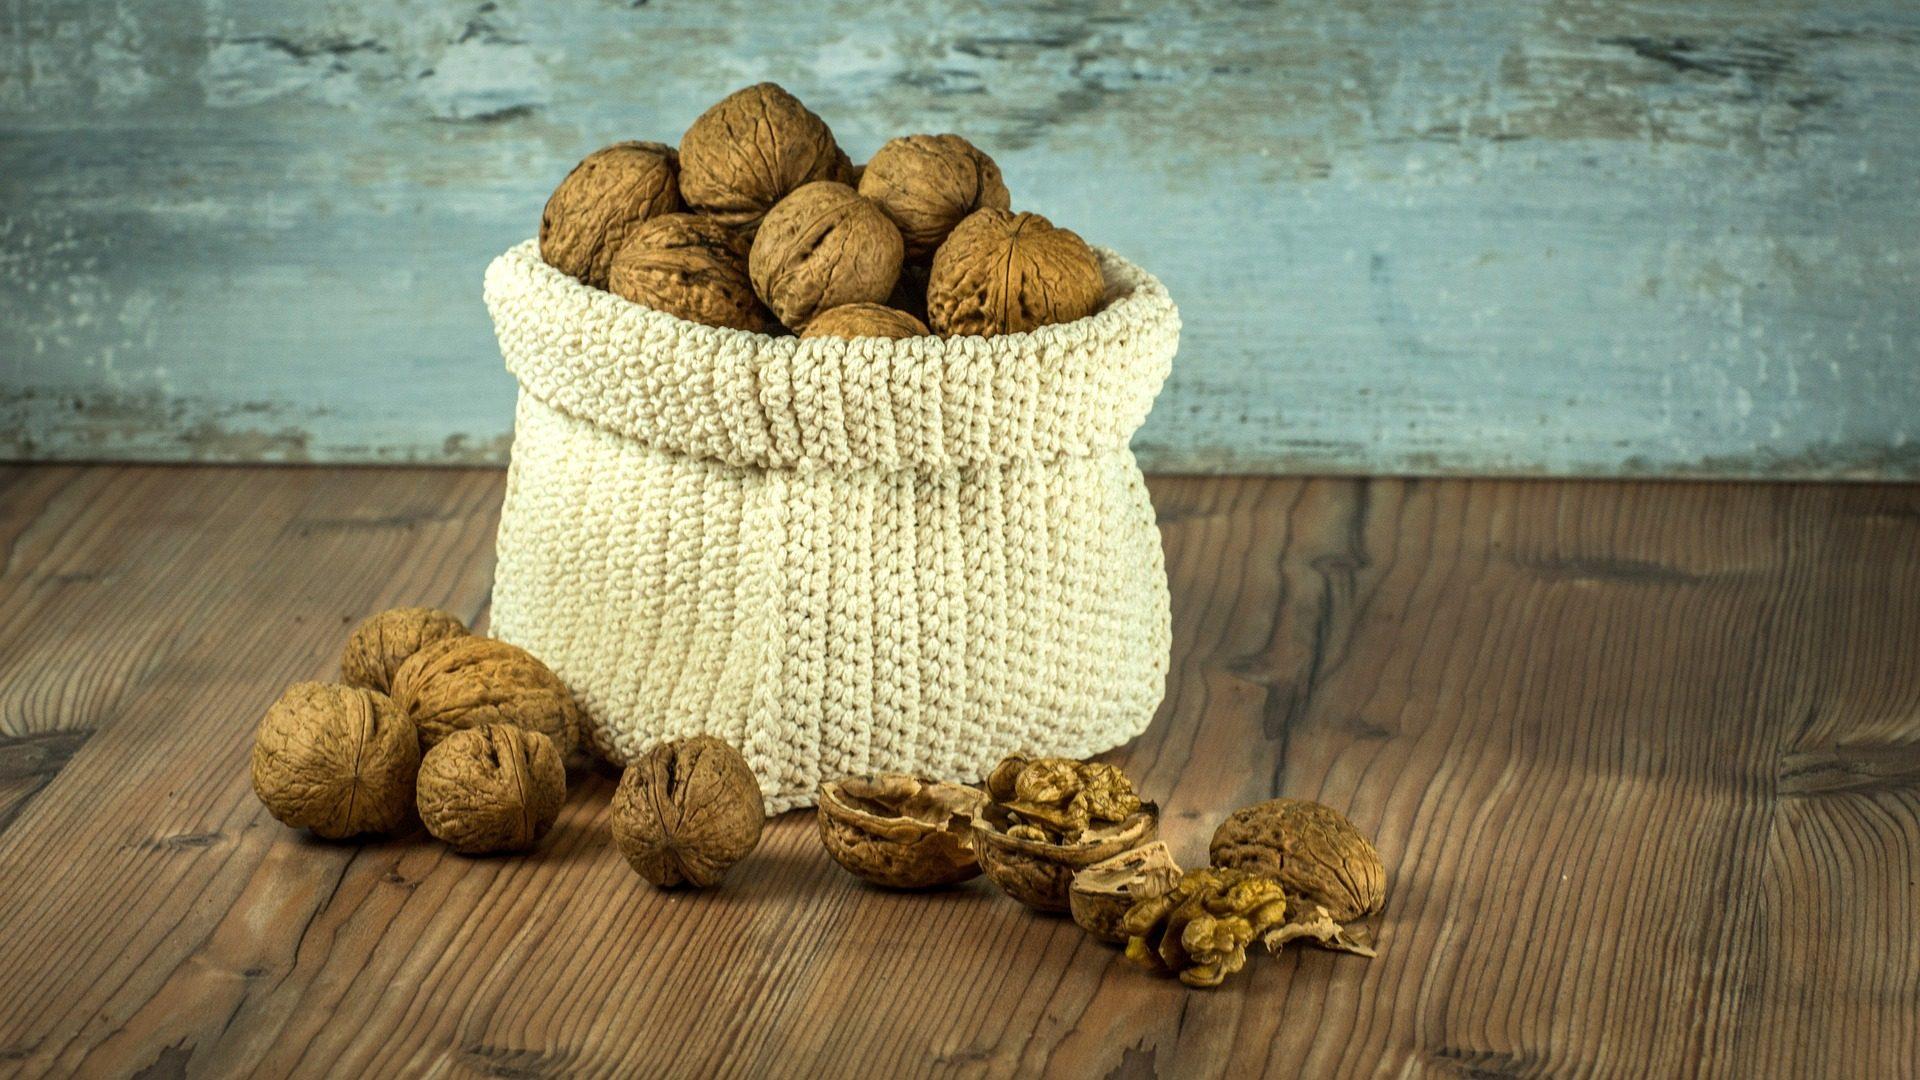 walnut-1213036_1920